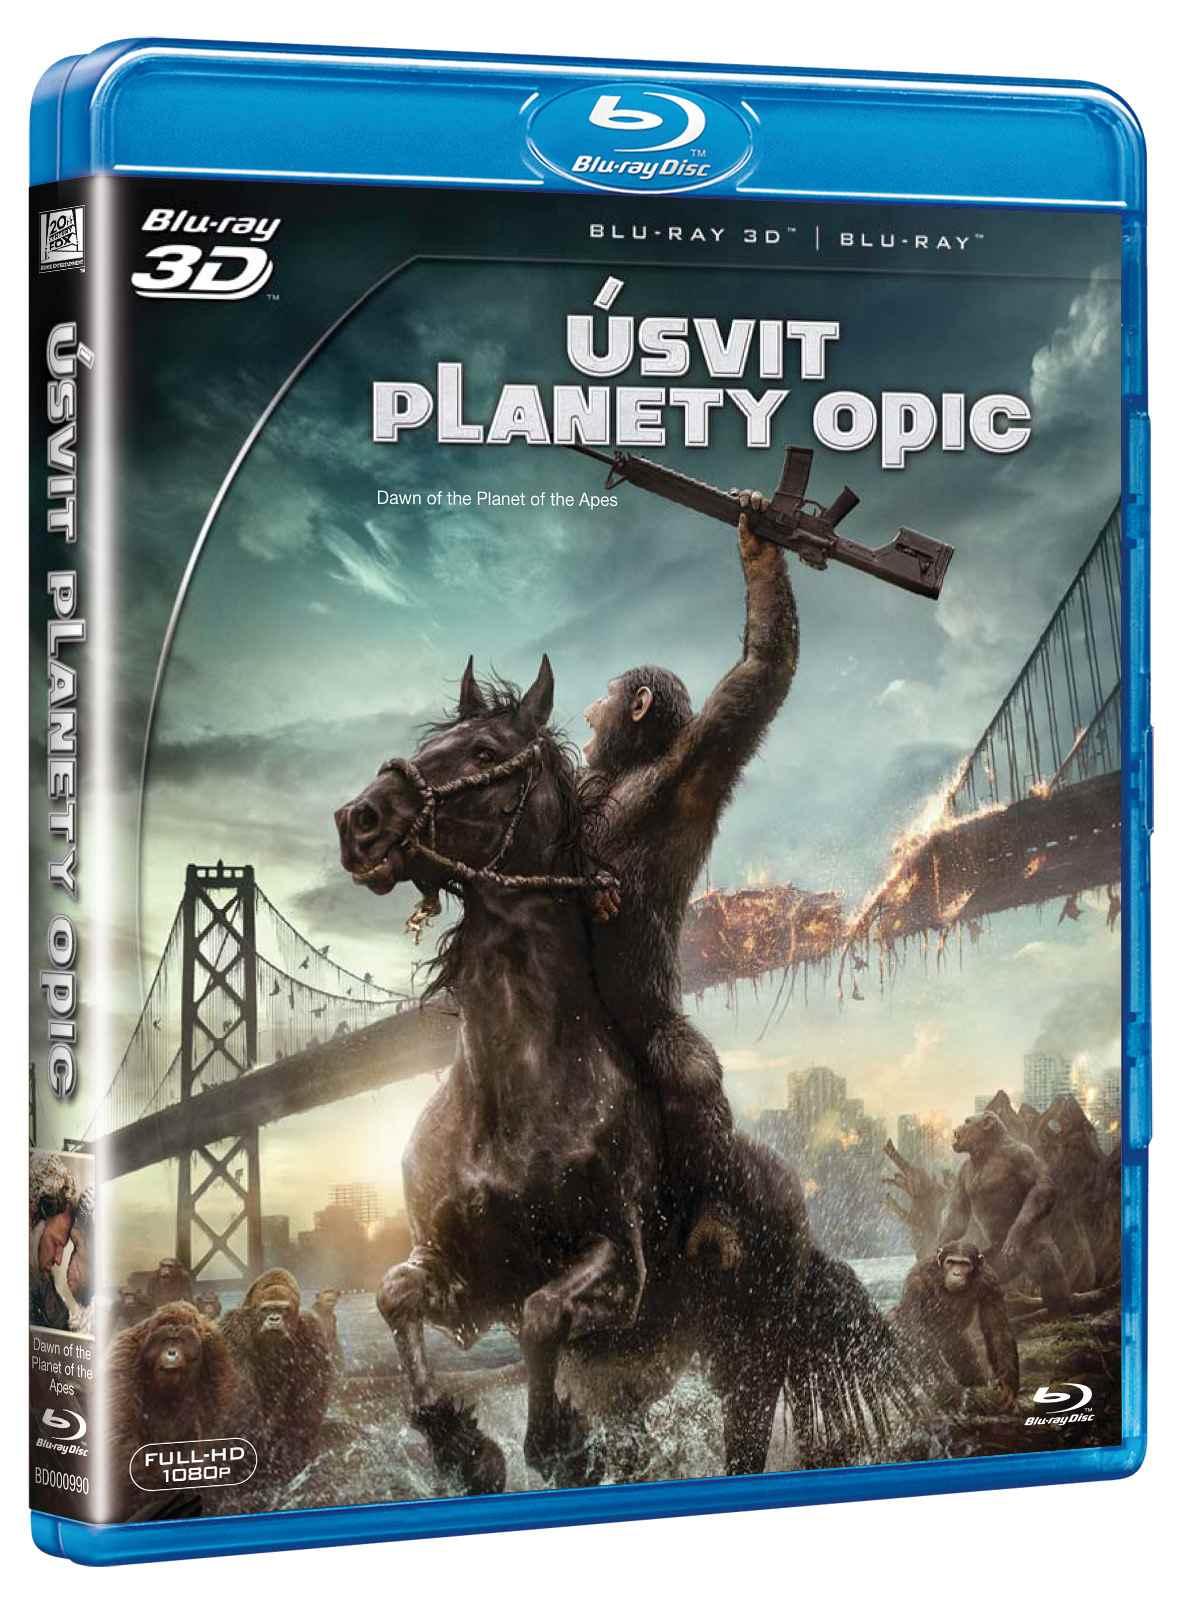 ÚSVIT PLANETY OPIC - Blu-ray 3D + 2D